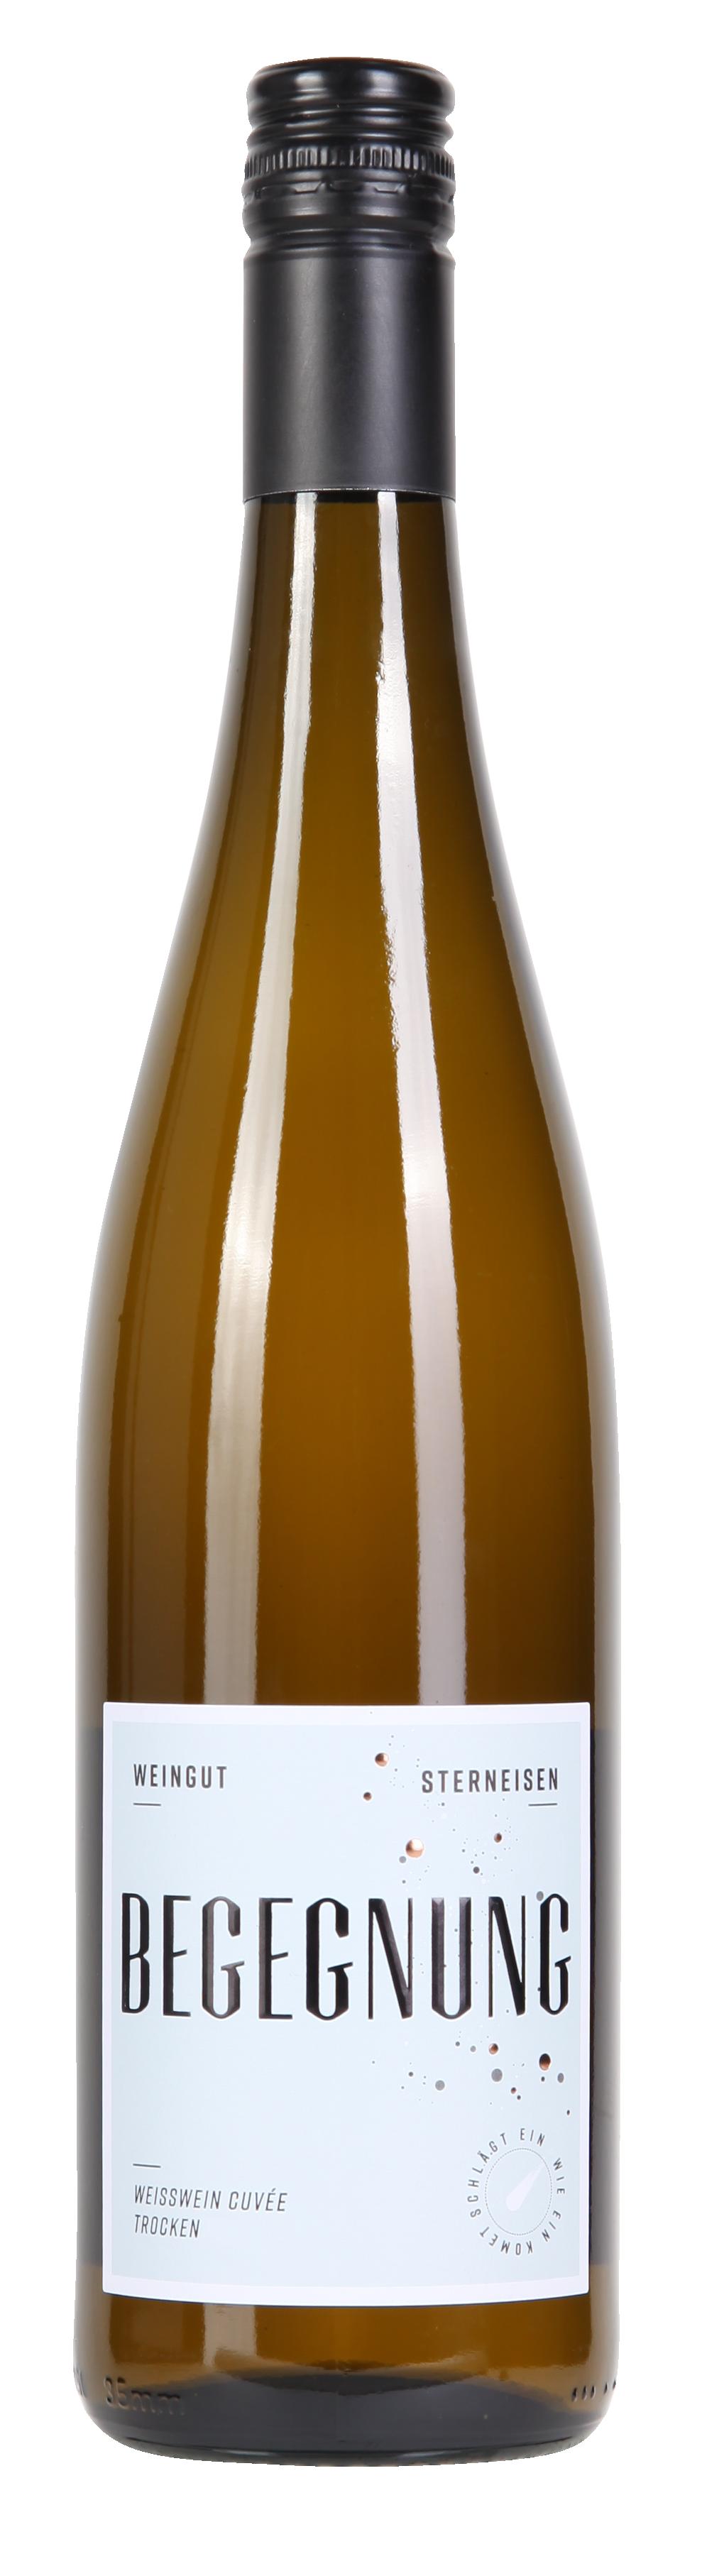 Begegnung Weißwein Weingut Sterneisen